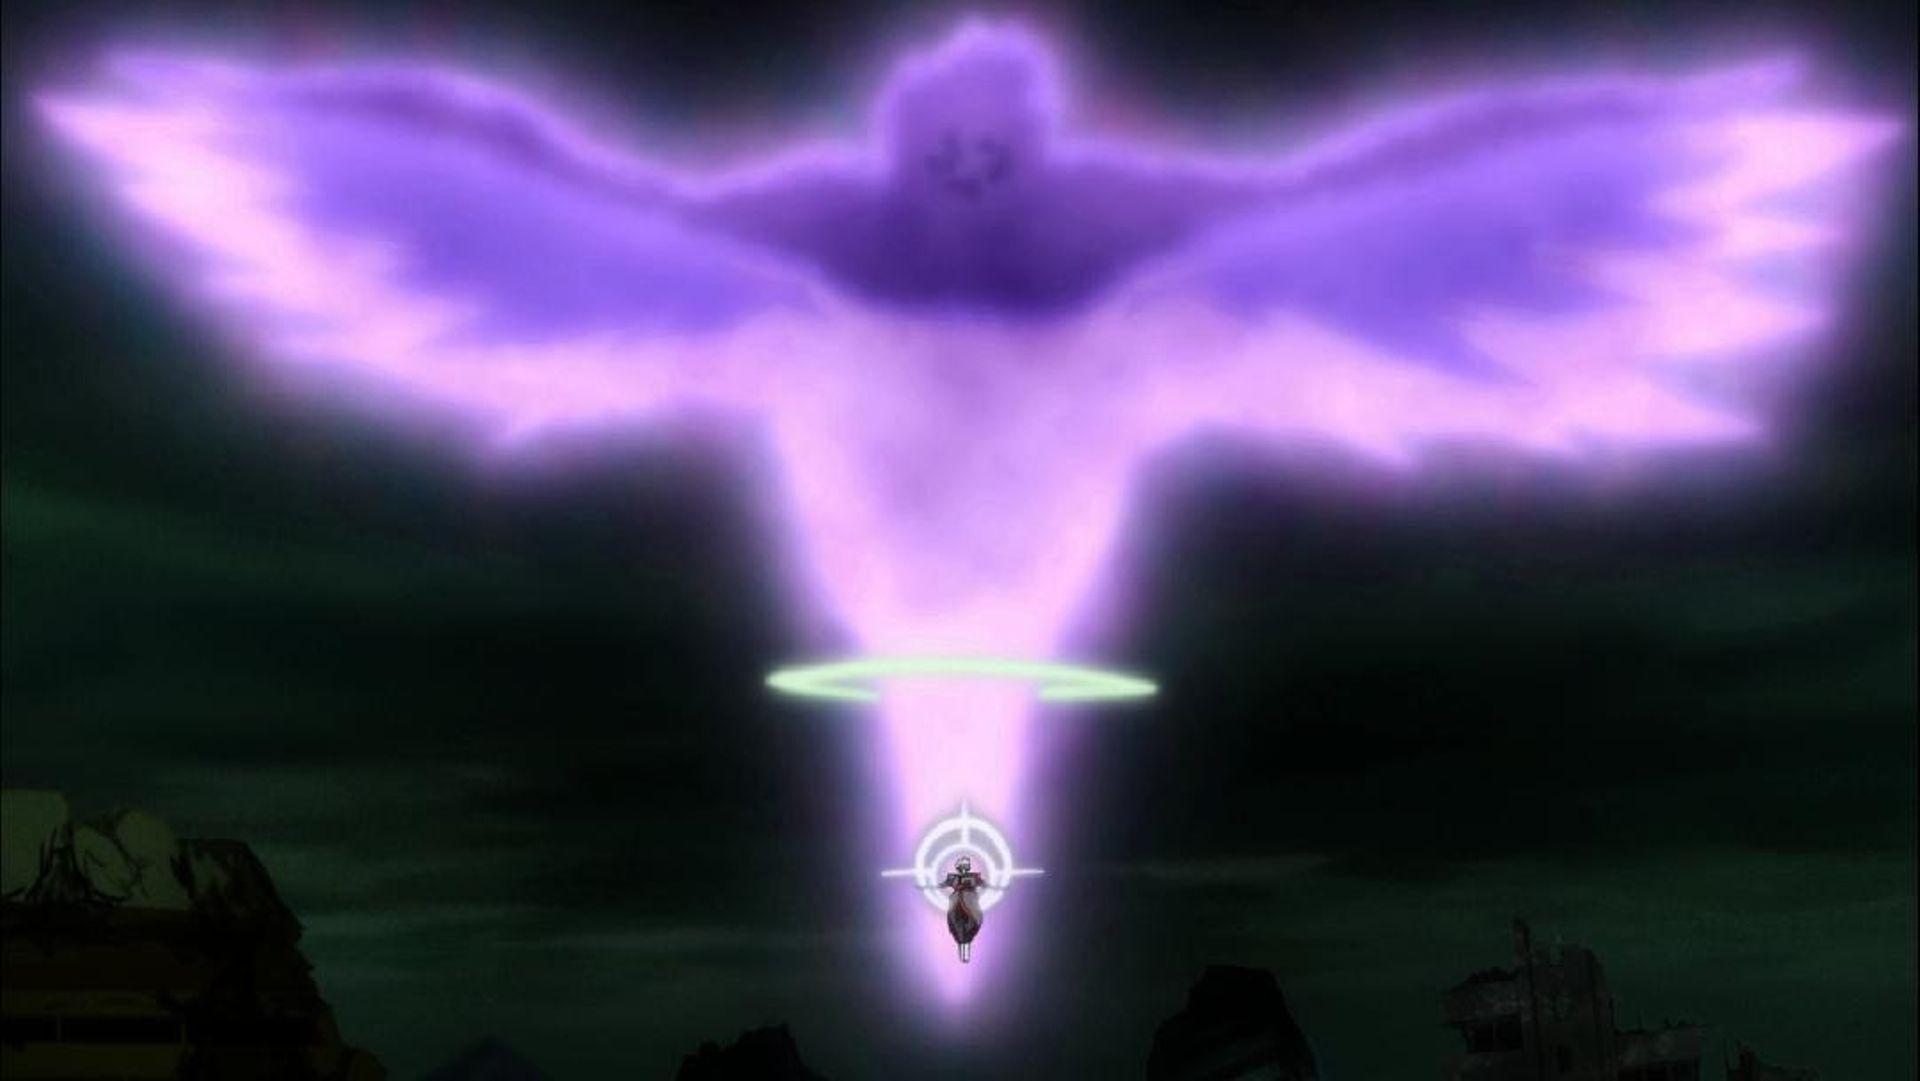 Dragon Ball Super - Zamasu's Ambition - The Storied Project